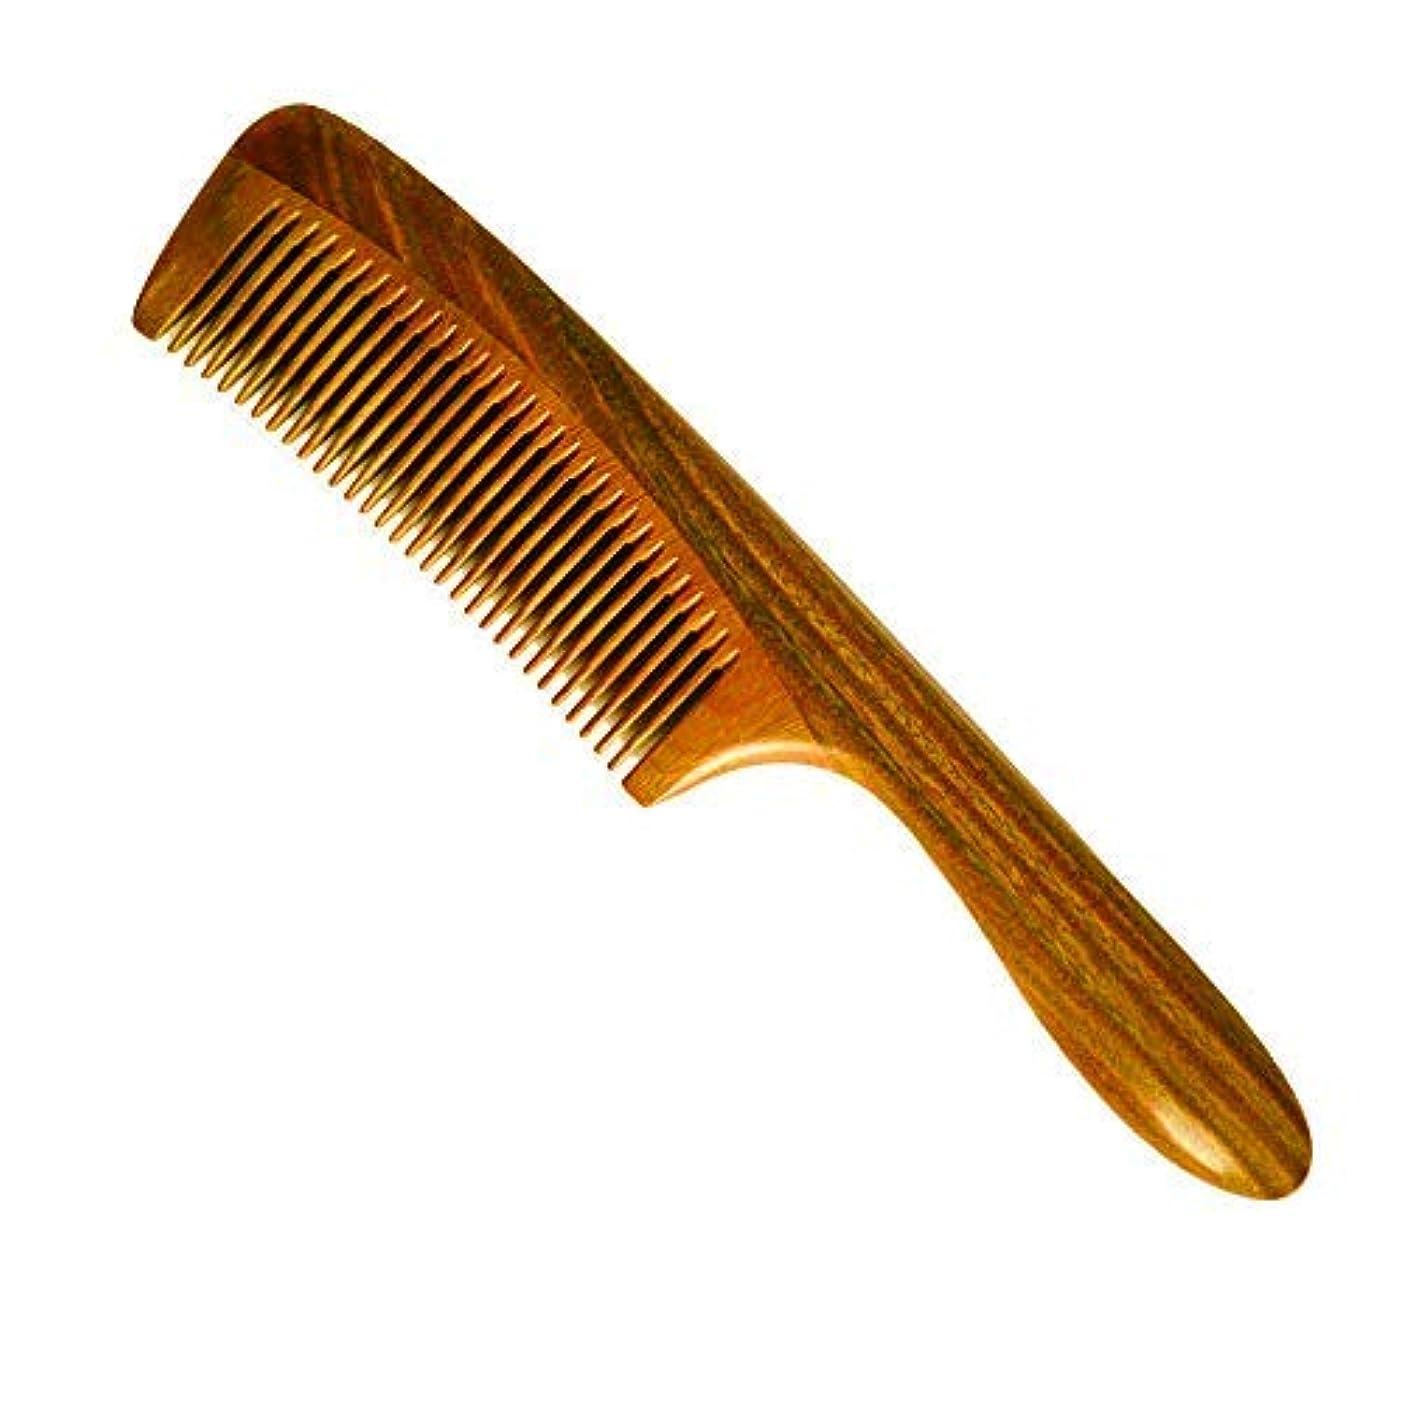 狂気利得乱闘Hair Comb, Wooden Comb Tooth And Fine Tooth Wood Comb,Green Sandalwood, Women and Men Hair Combs (MR04) [並行輸入品]